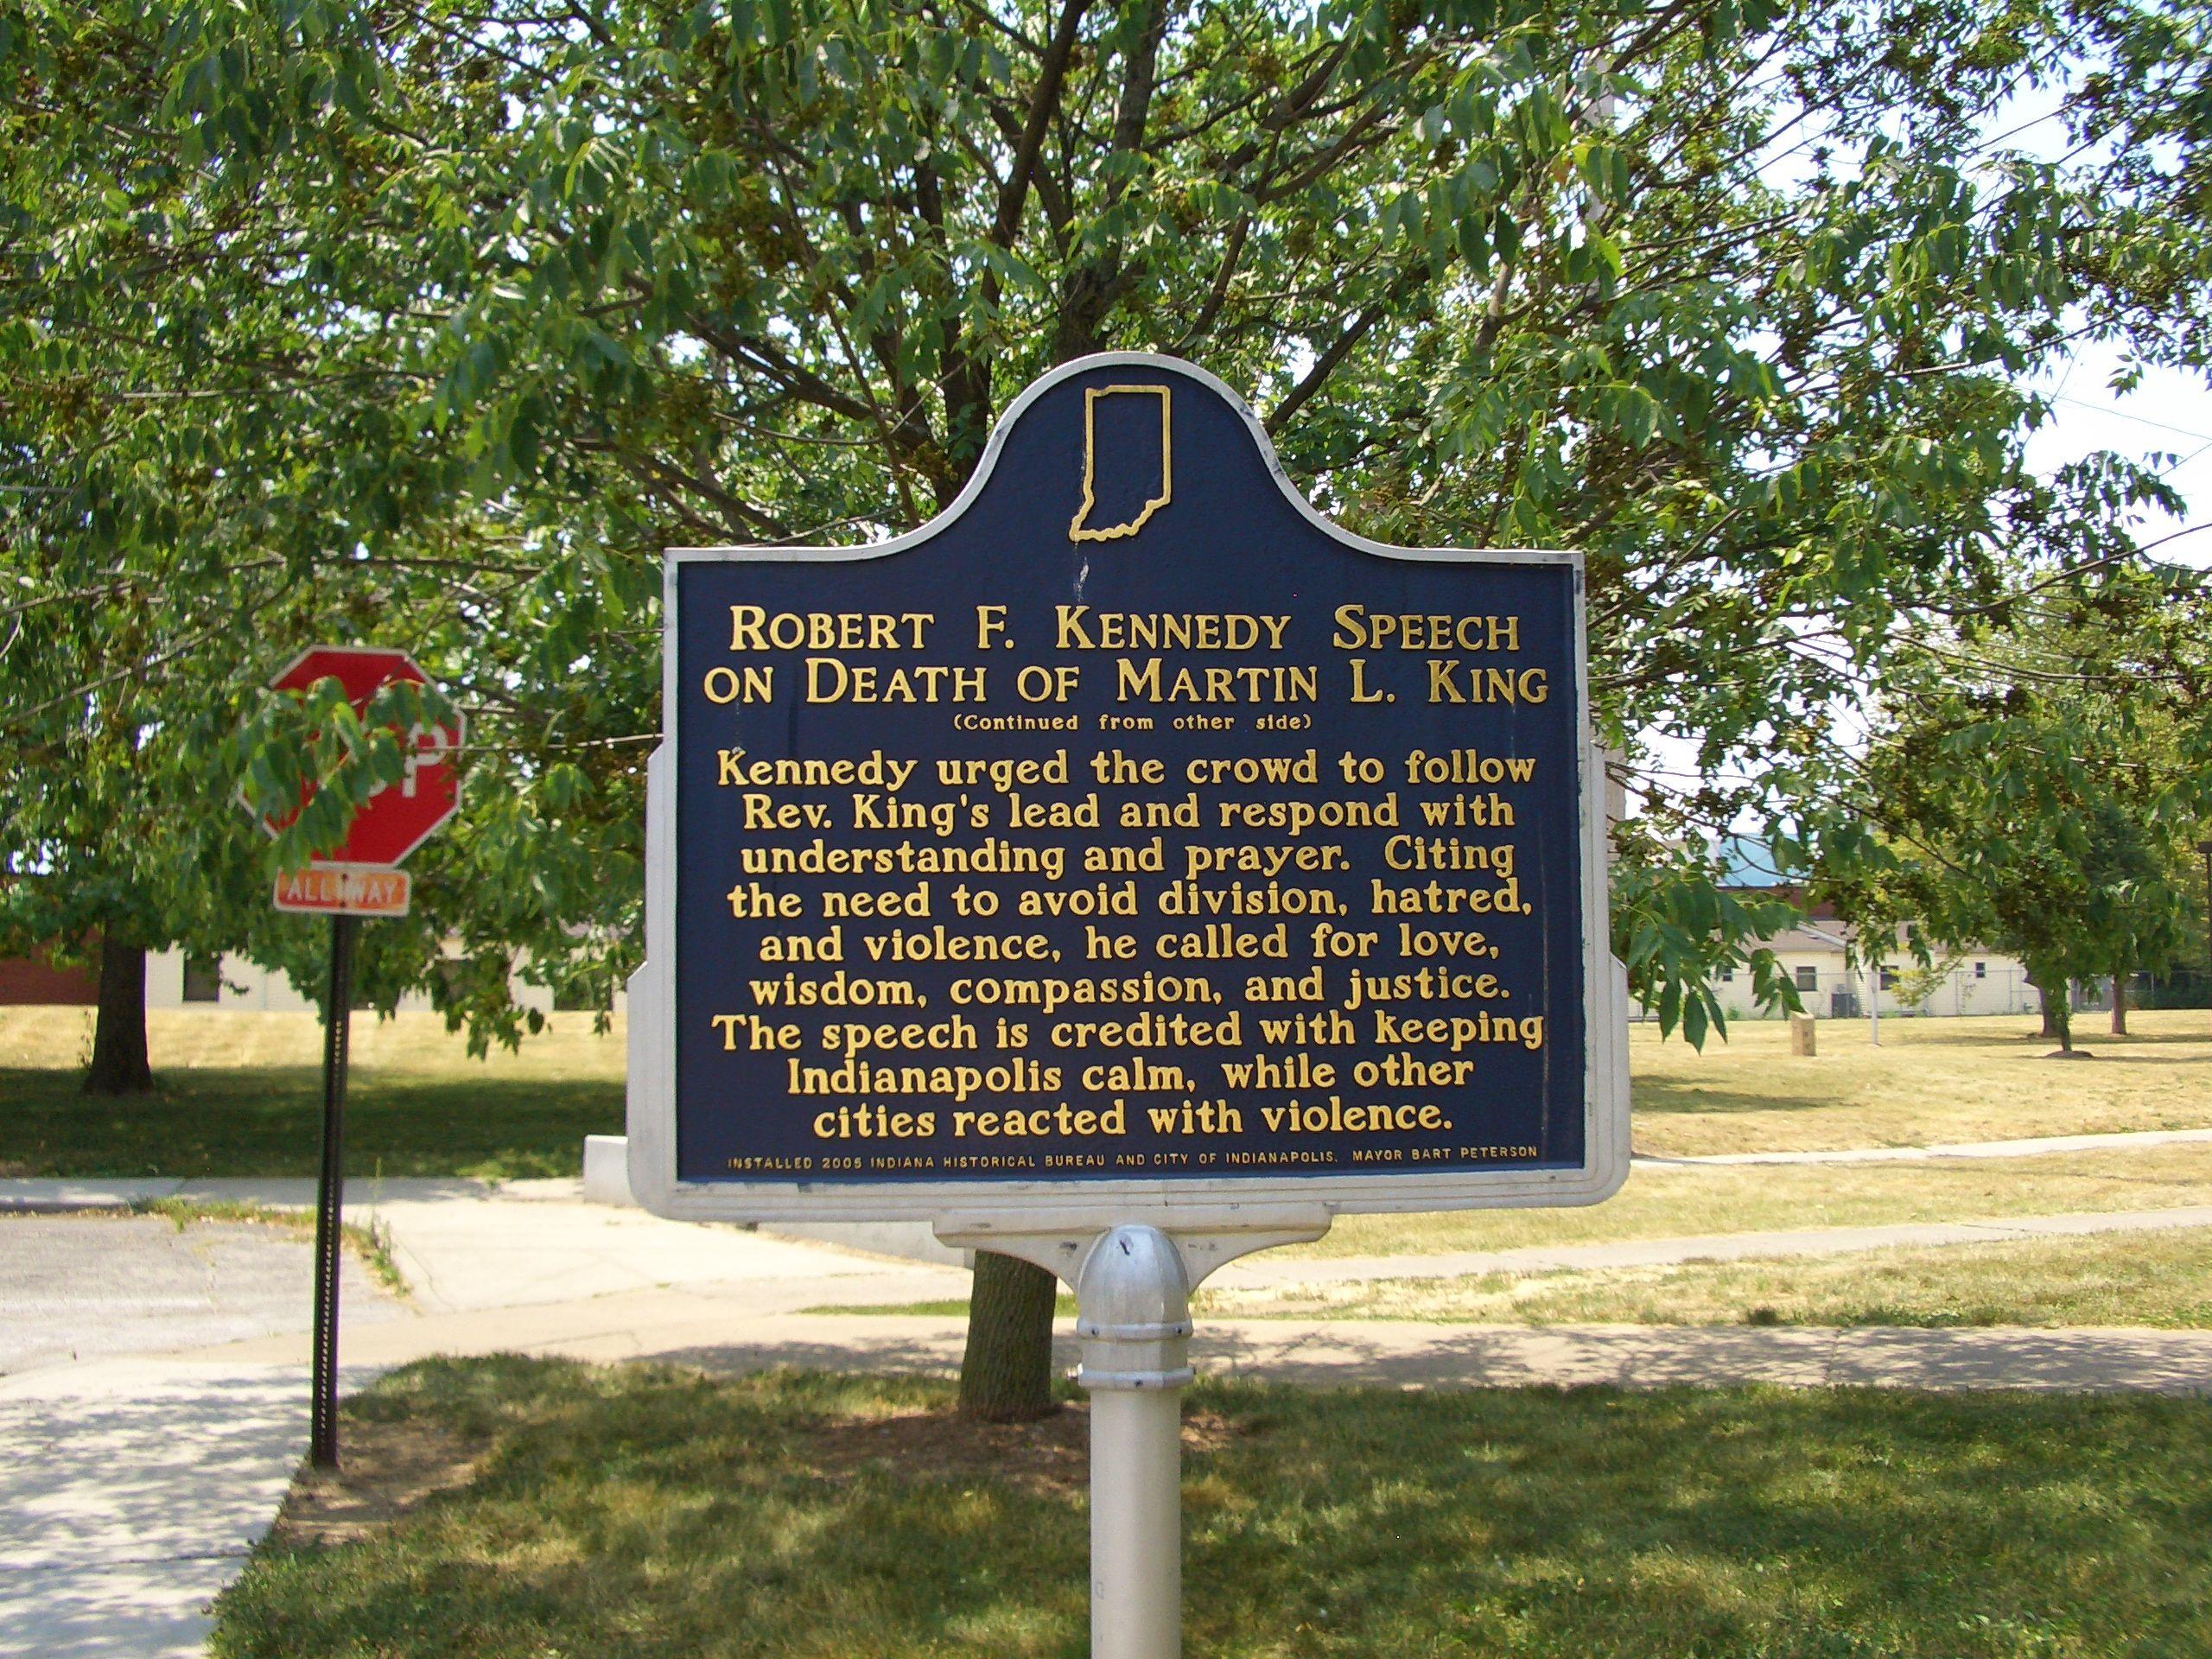 Rfk Grave Quotes: MLK Park Robert F. Kennedy Speech Memorial